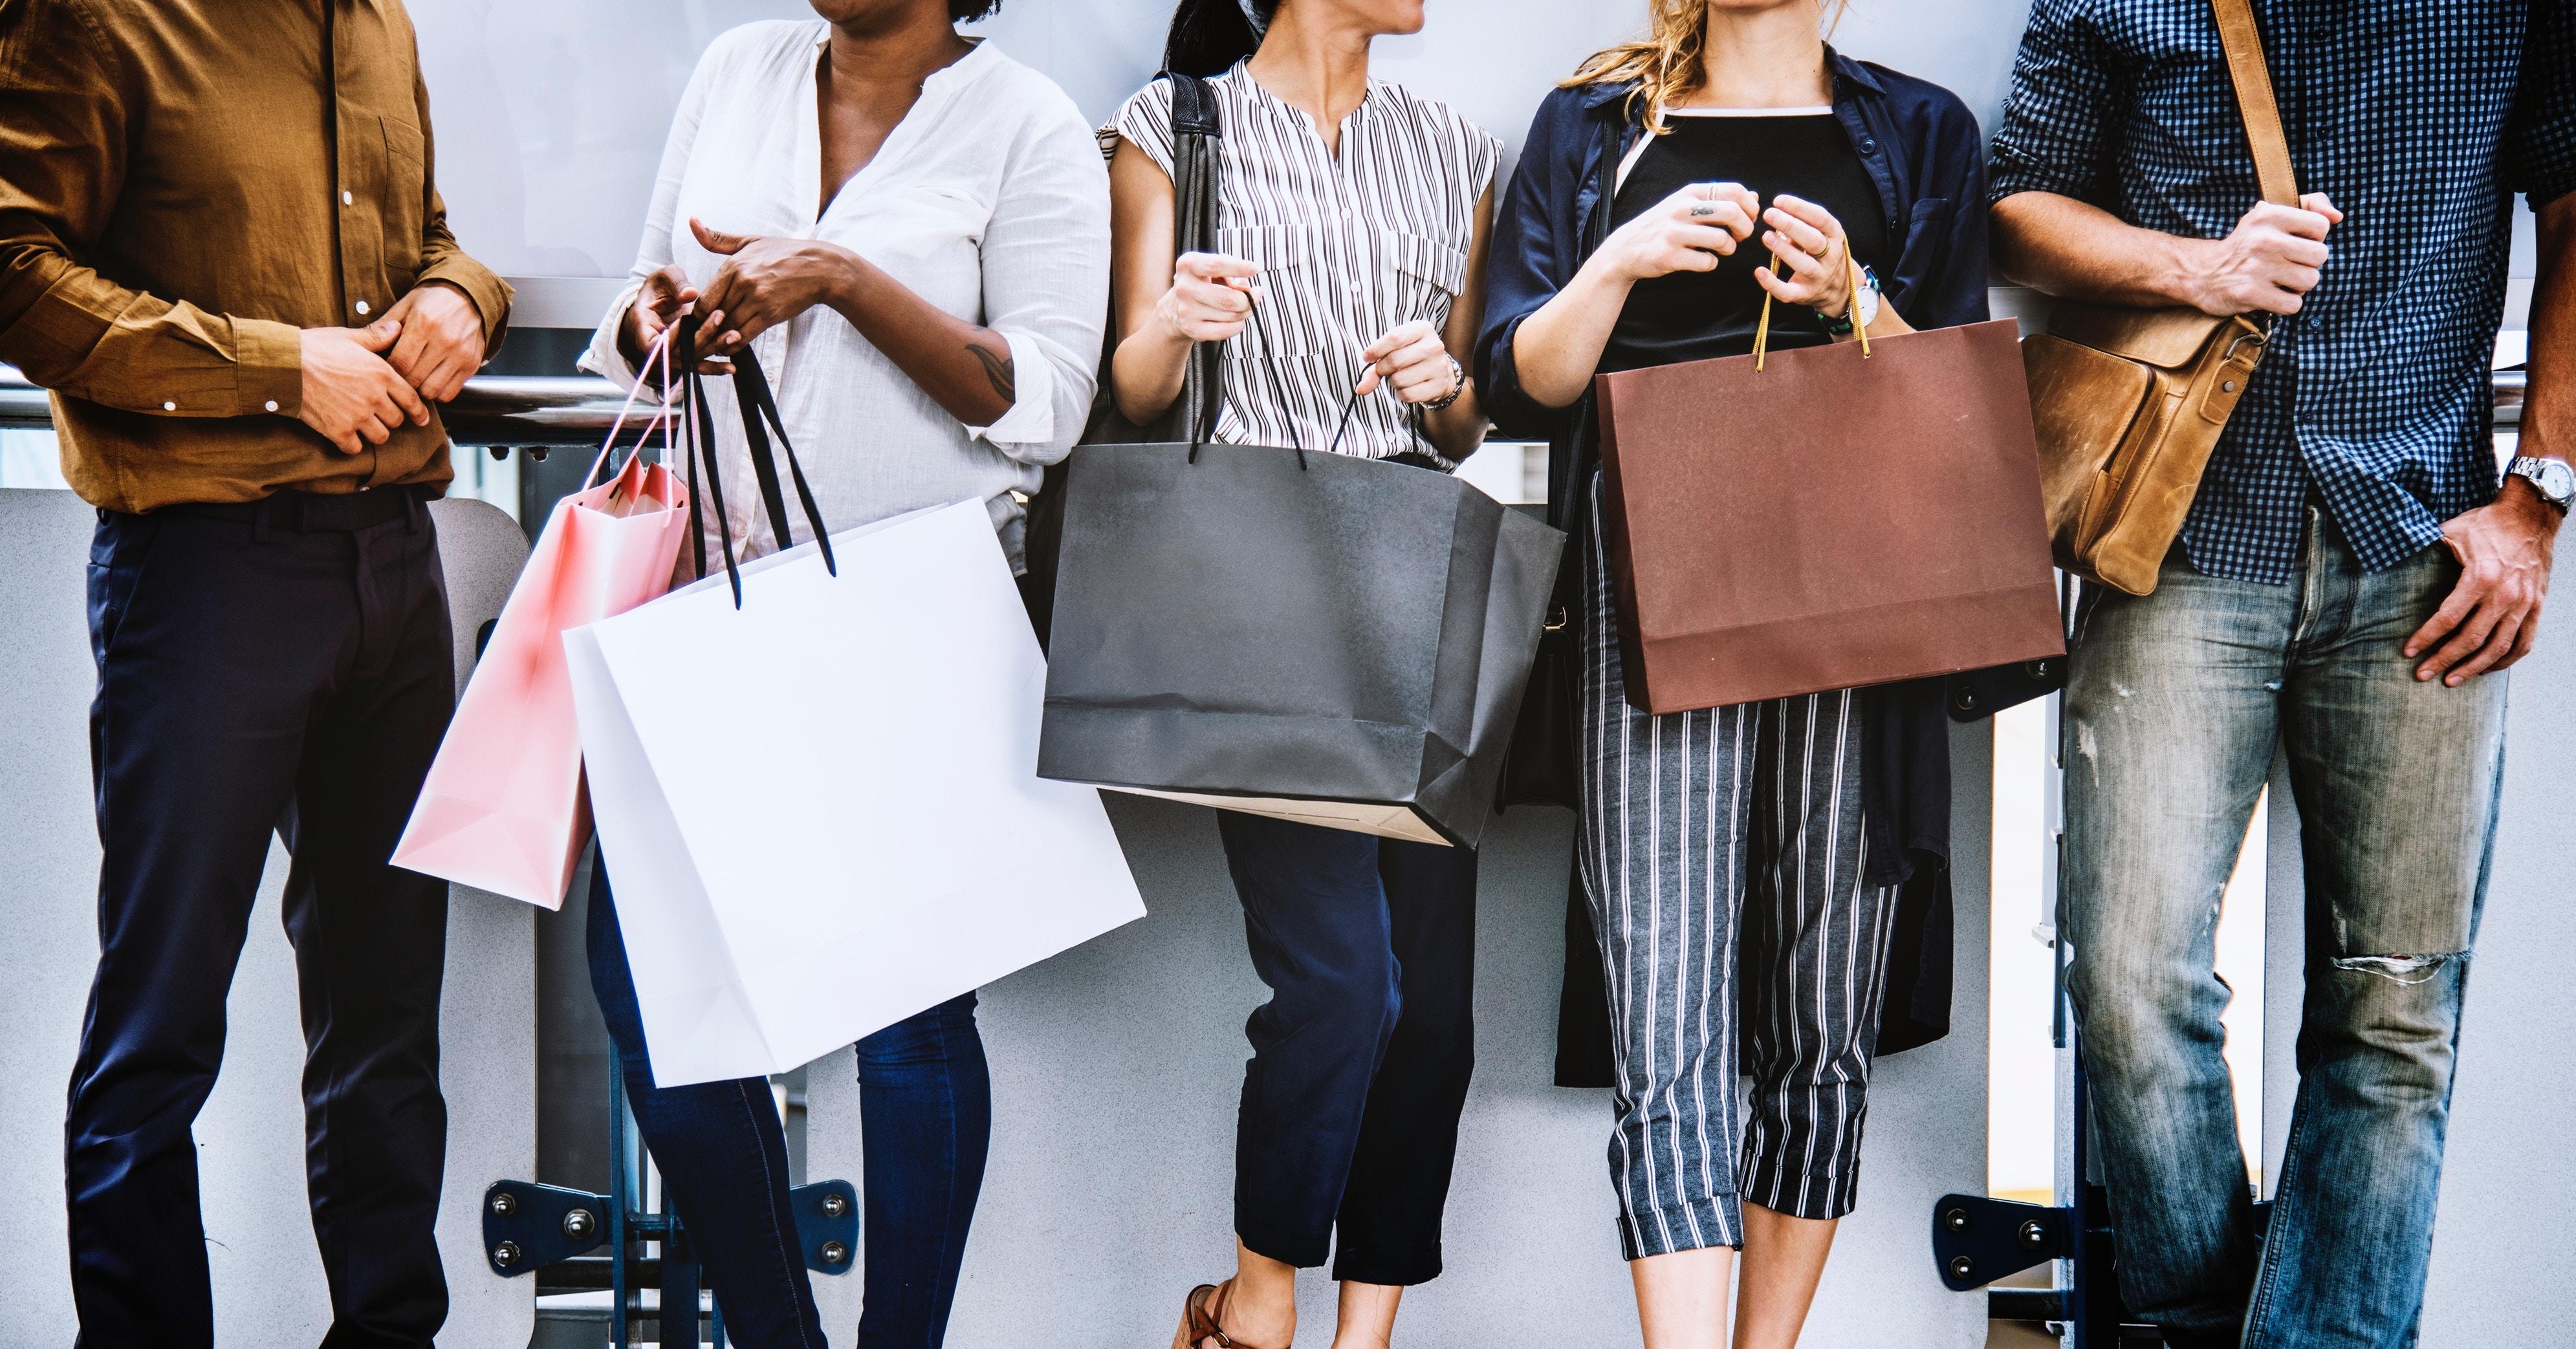 Phygitalisation : quand les boutiques physiques se digitalisent